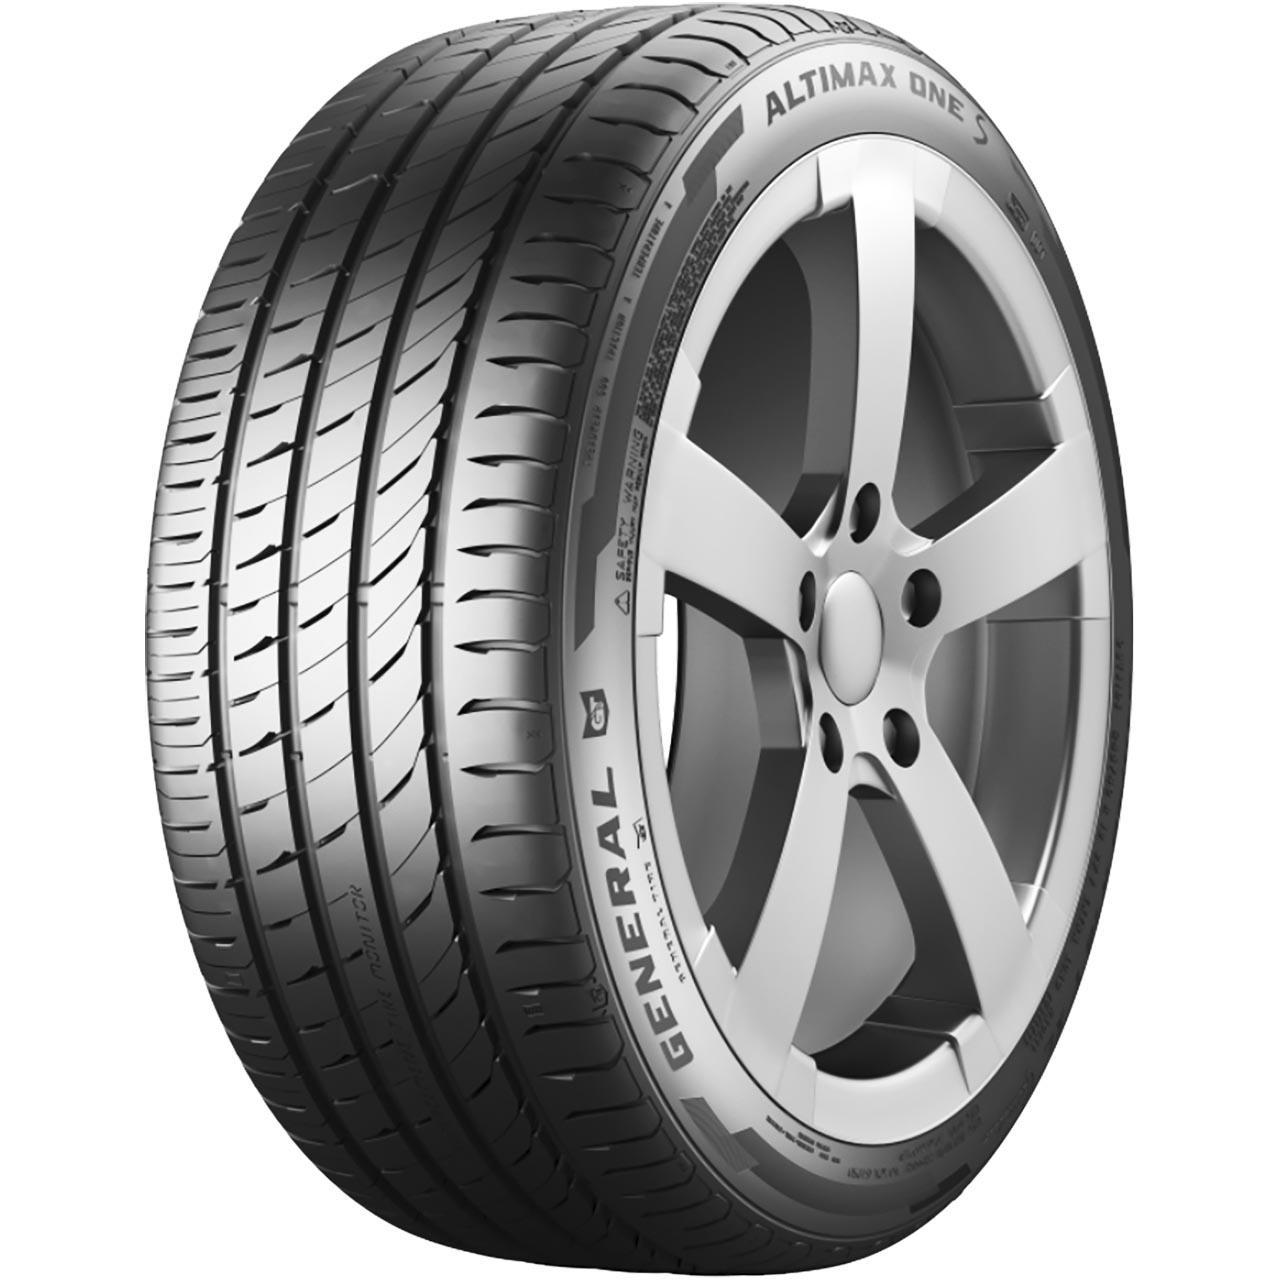 General Tire Altimax ONE S 225/40R18 92Y XL FR